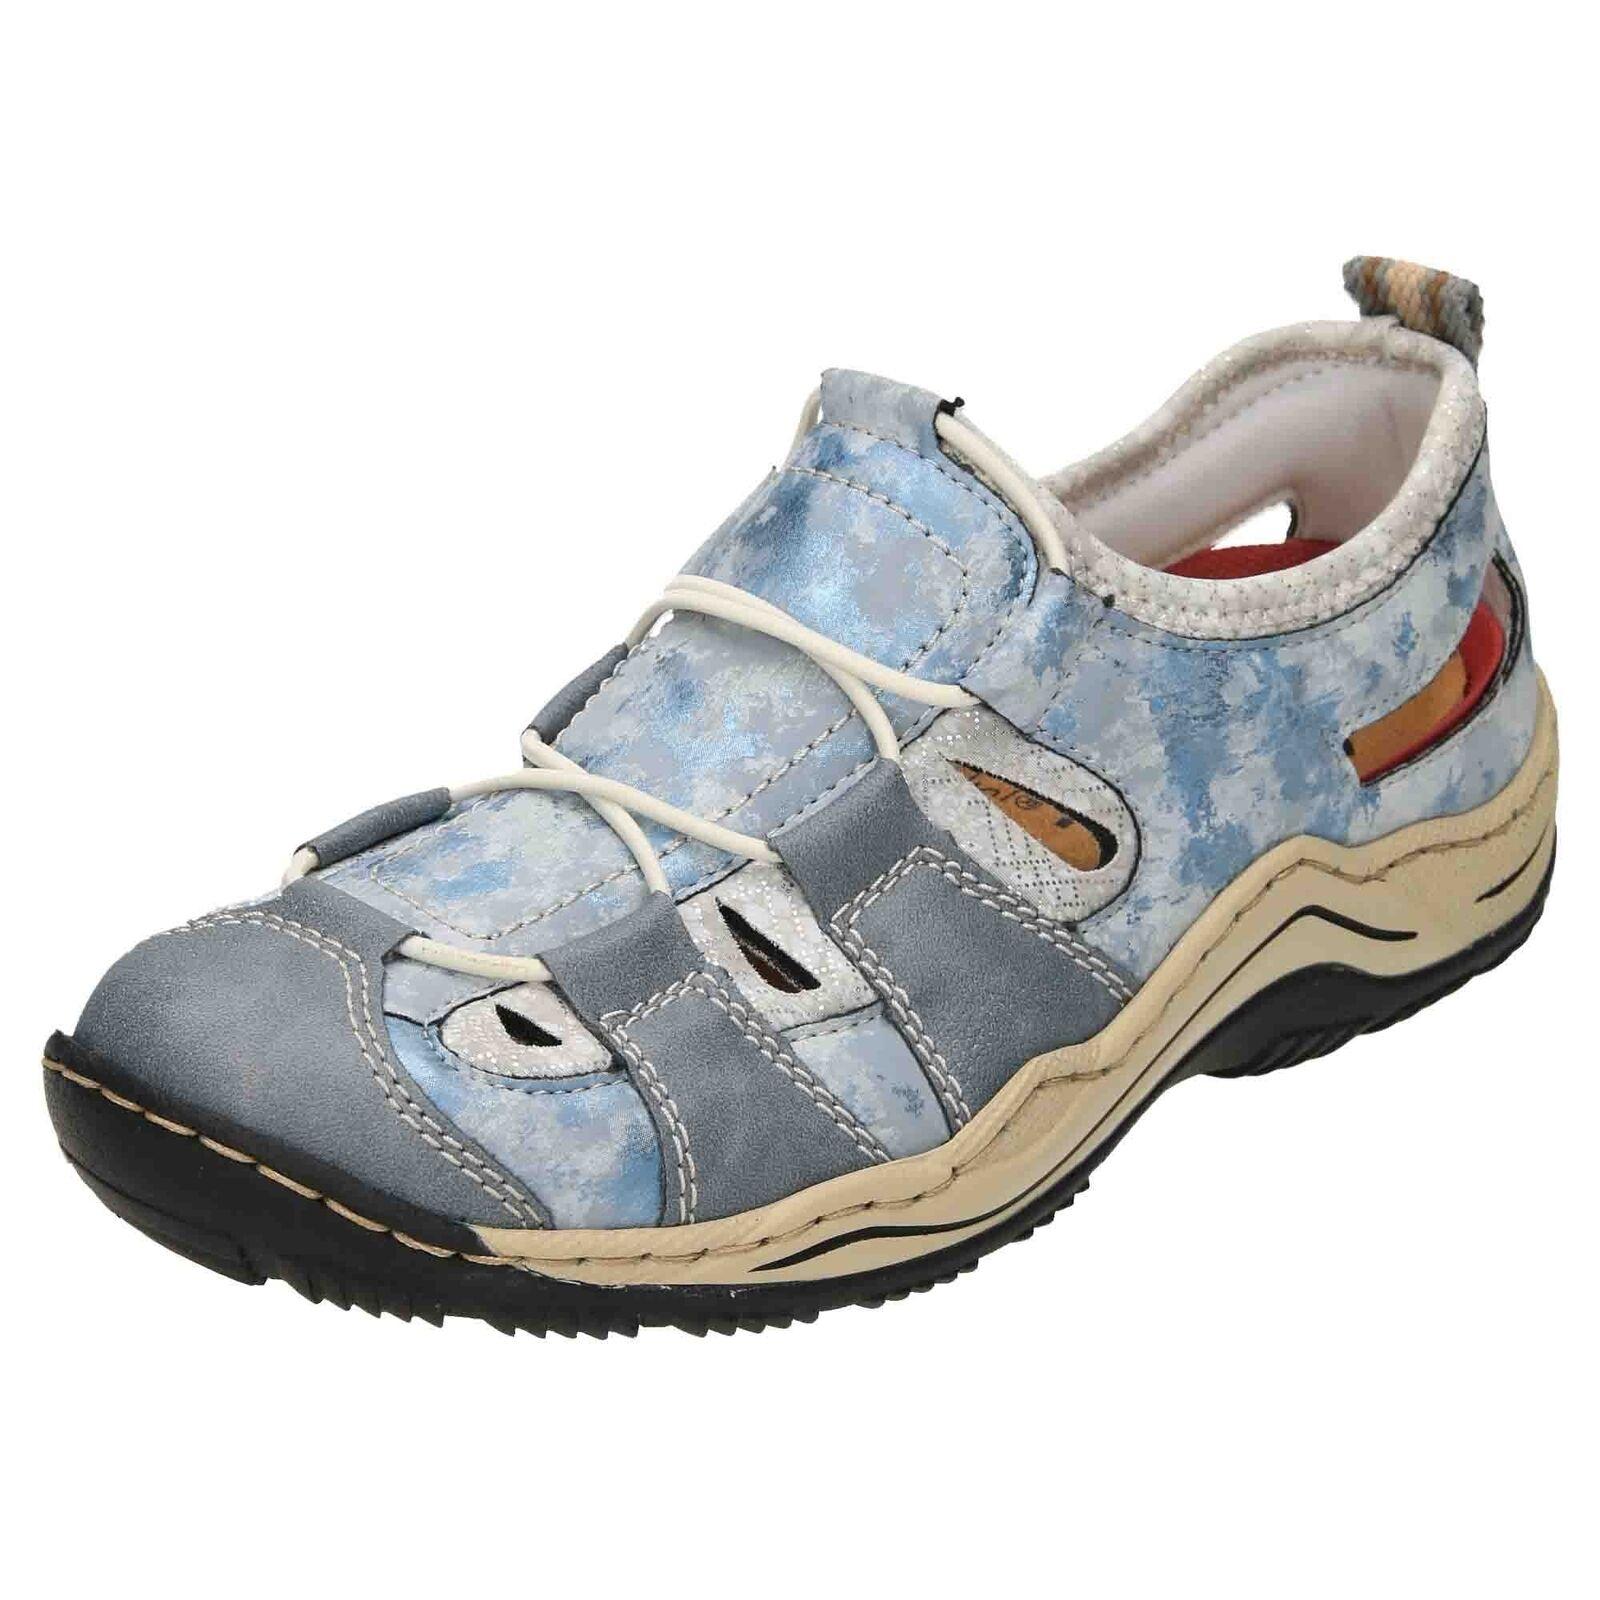 Rieker L0561-12 slip on cut out Baskets Sport Plat Chaussures De Loisirs Sandales Escarpins